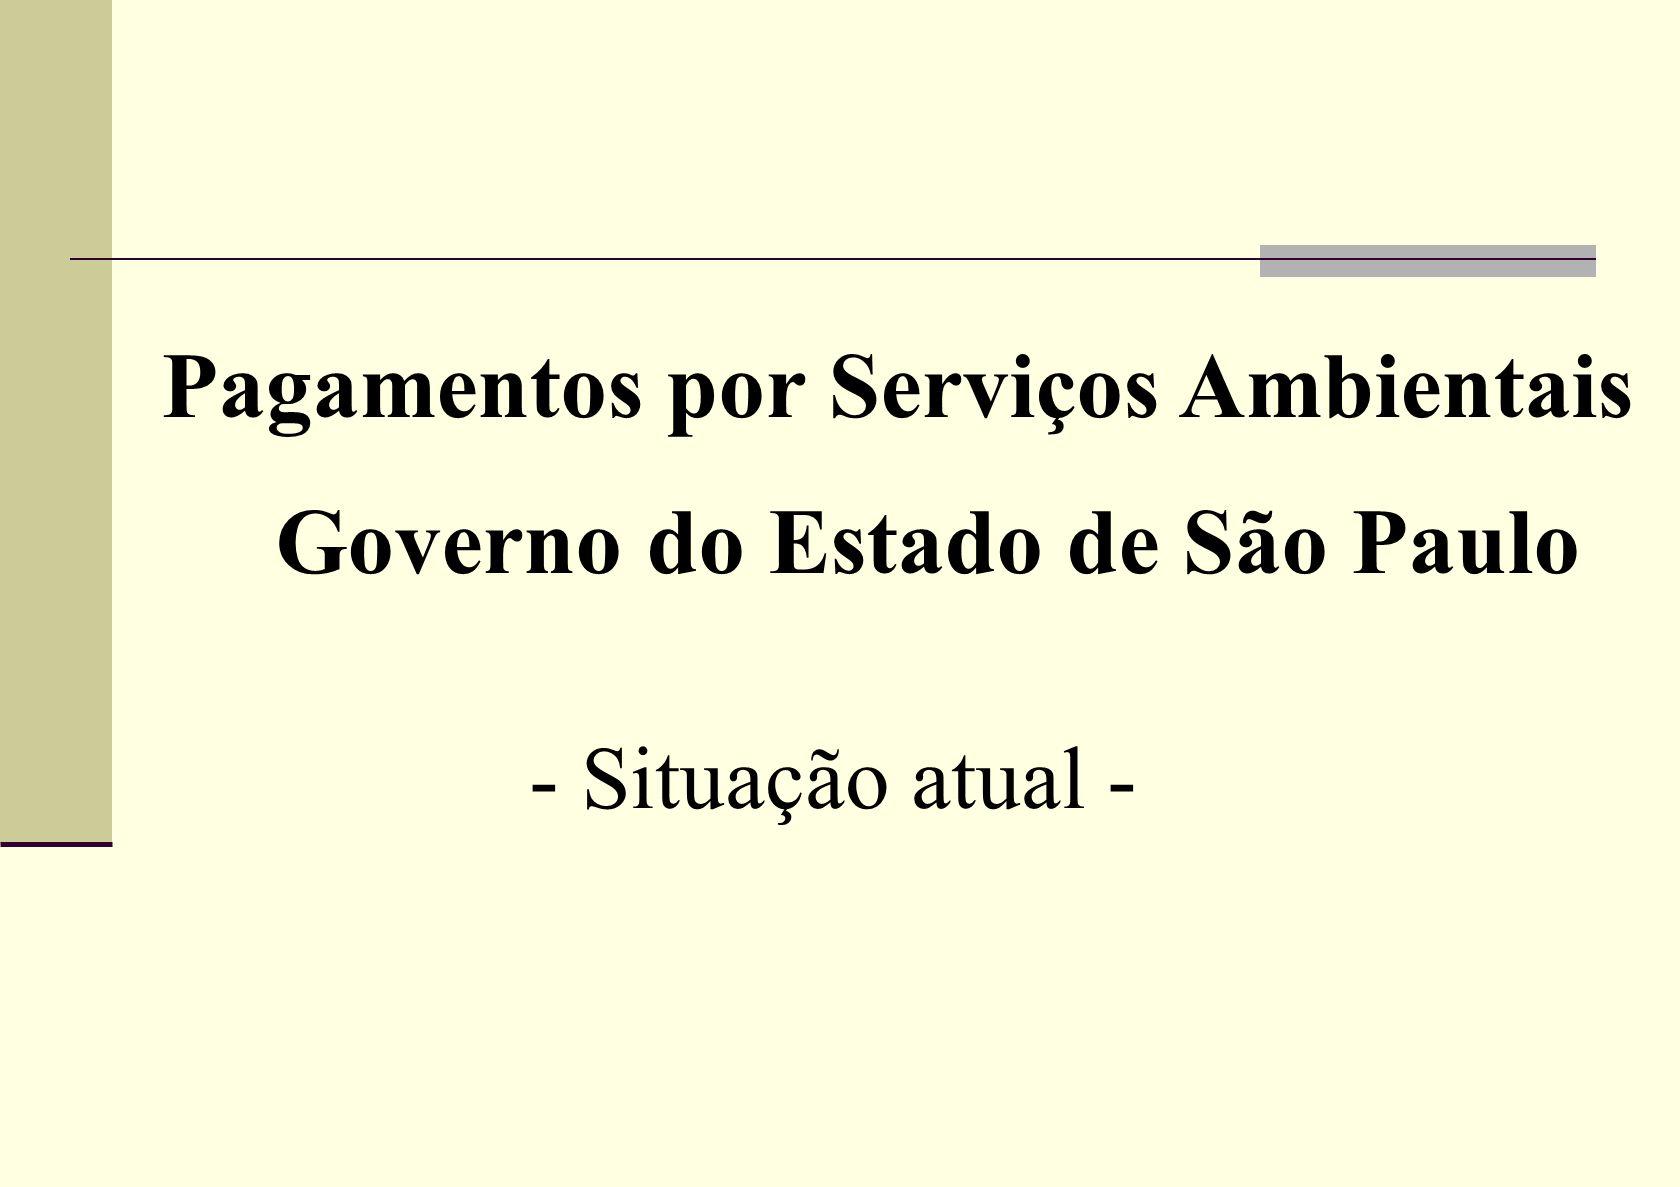 Pagamentos por Serviços Ambientais Governo do Estado de São Paulo